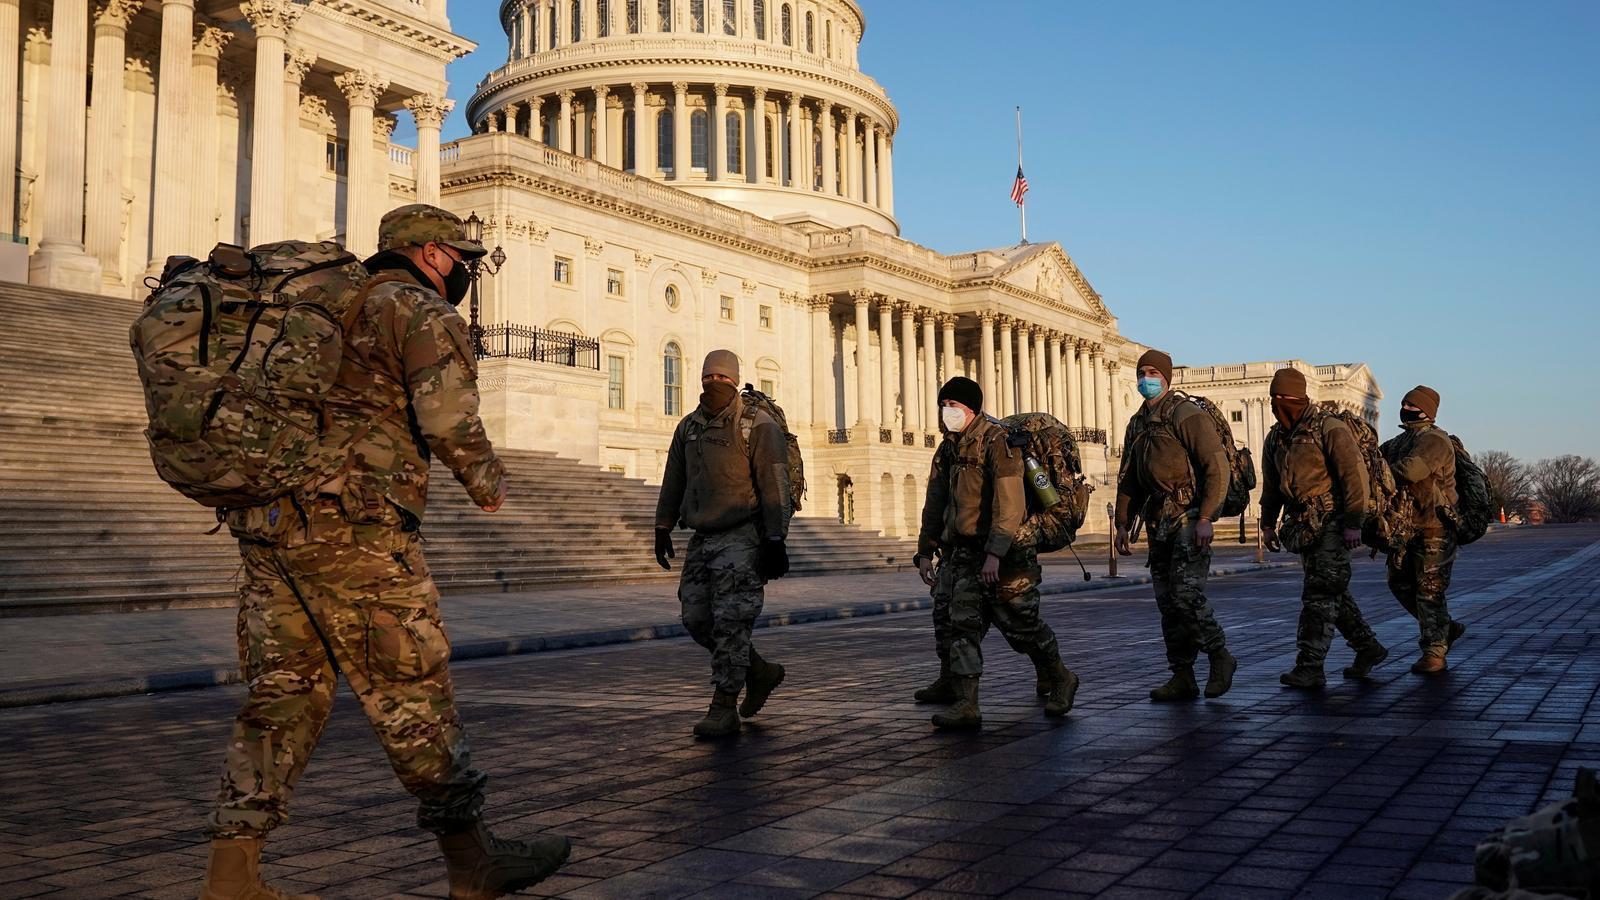 Membres de la Guàrdia nacional arriben aquest dimarts 12 de gener al Congrés, que es prepara per un nou 'impeachment' a Trump.